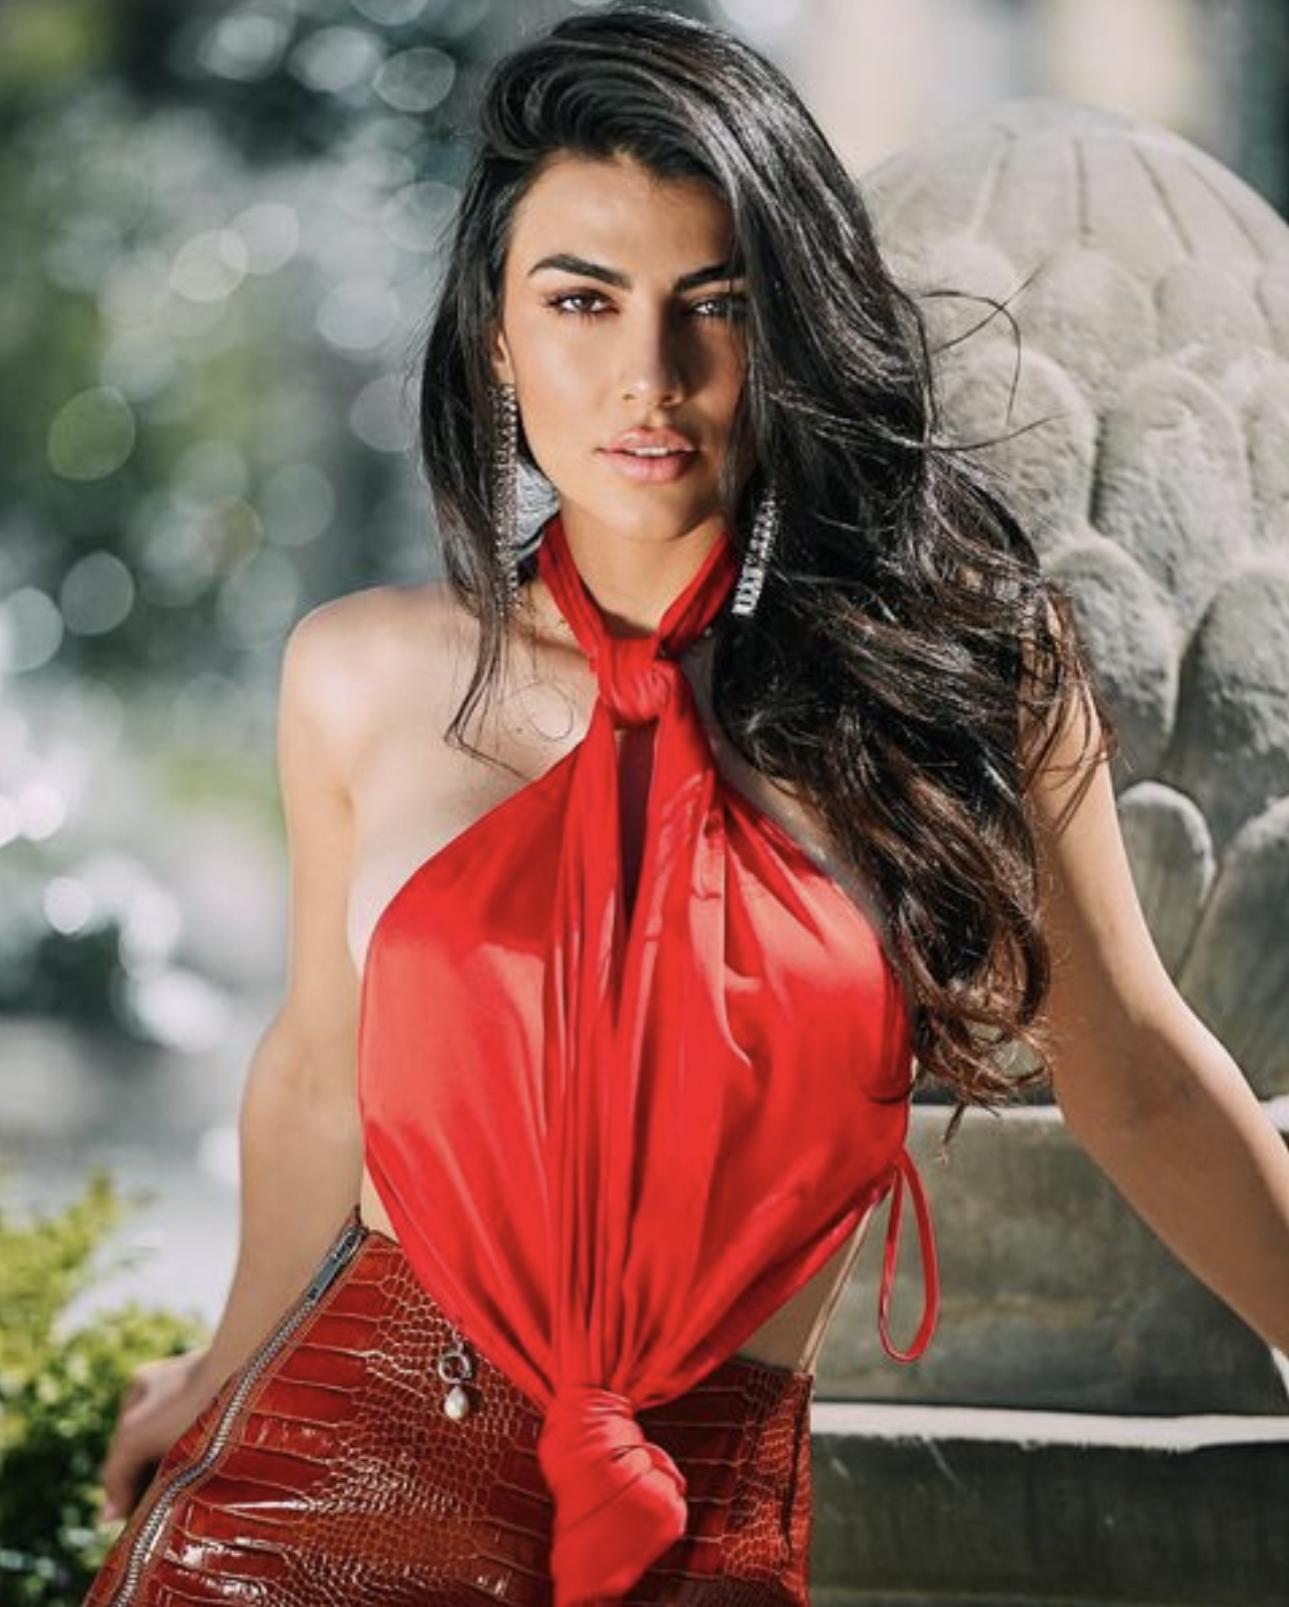 Джулия Салеми — итальянская модель и болельщица «Милана»